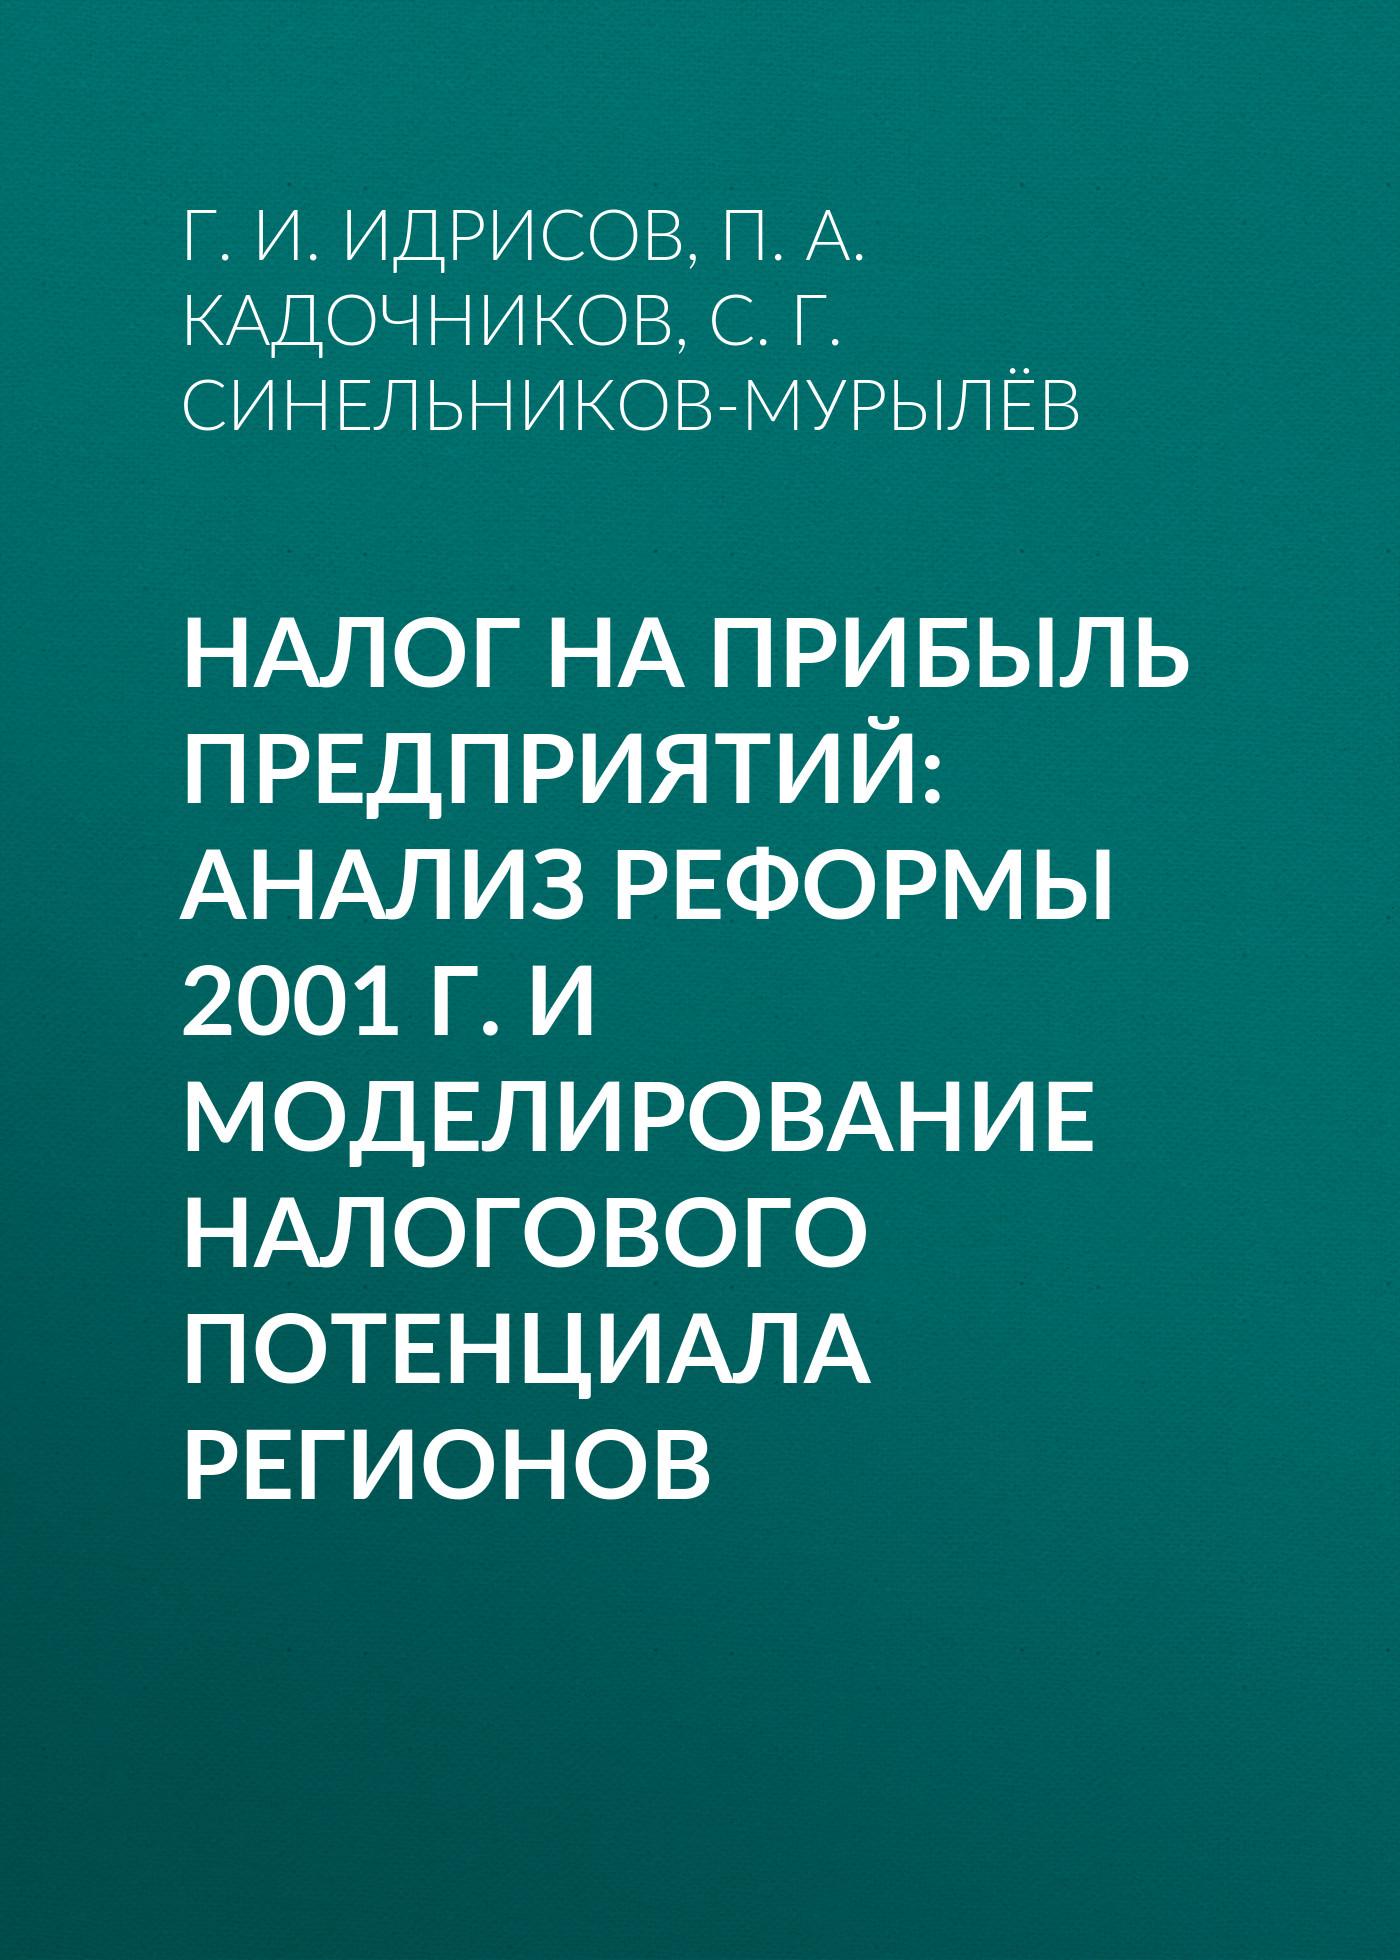 Налог на прибыль предприятий: анализ реформы 2001 г. и моделирование налогового потенциала регионов